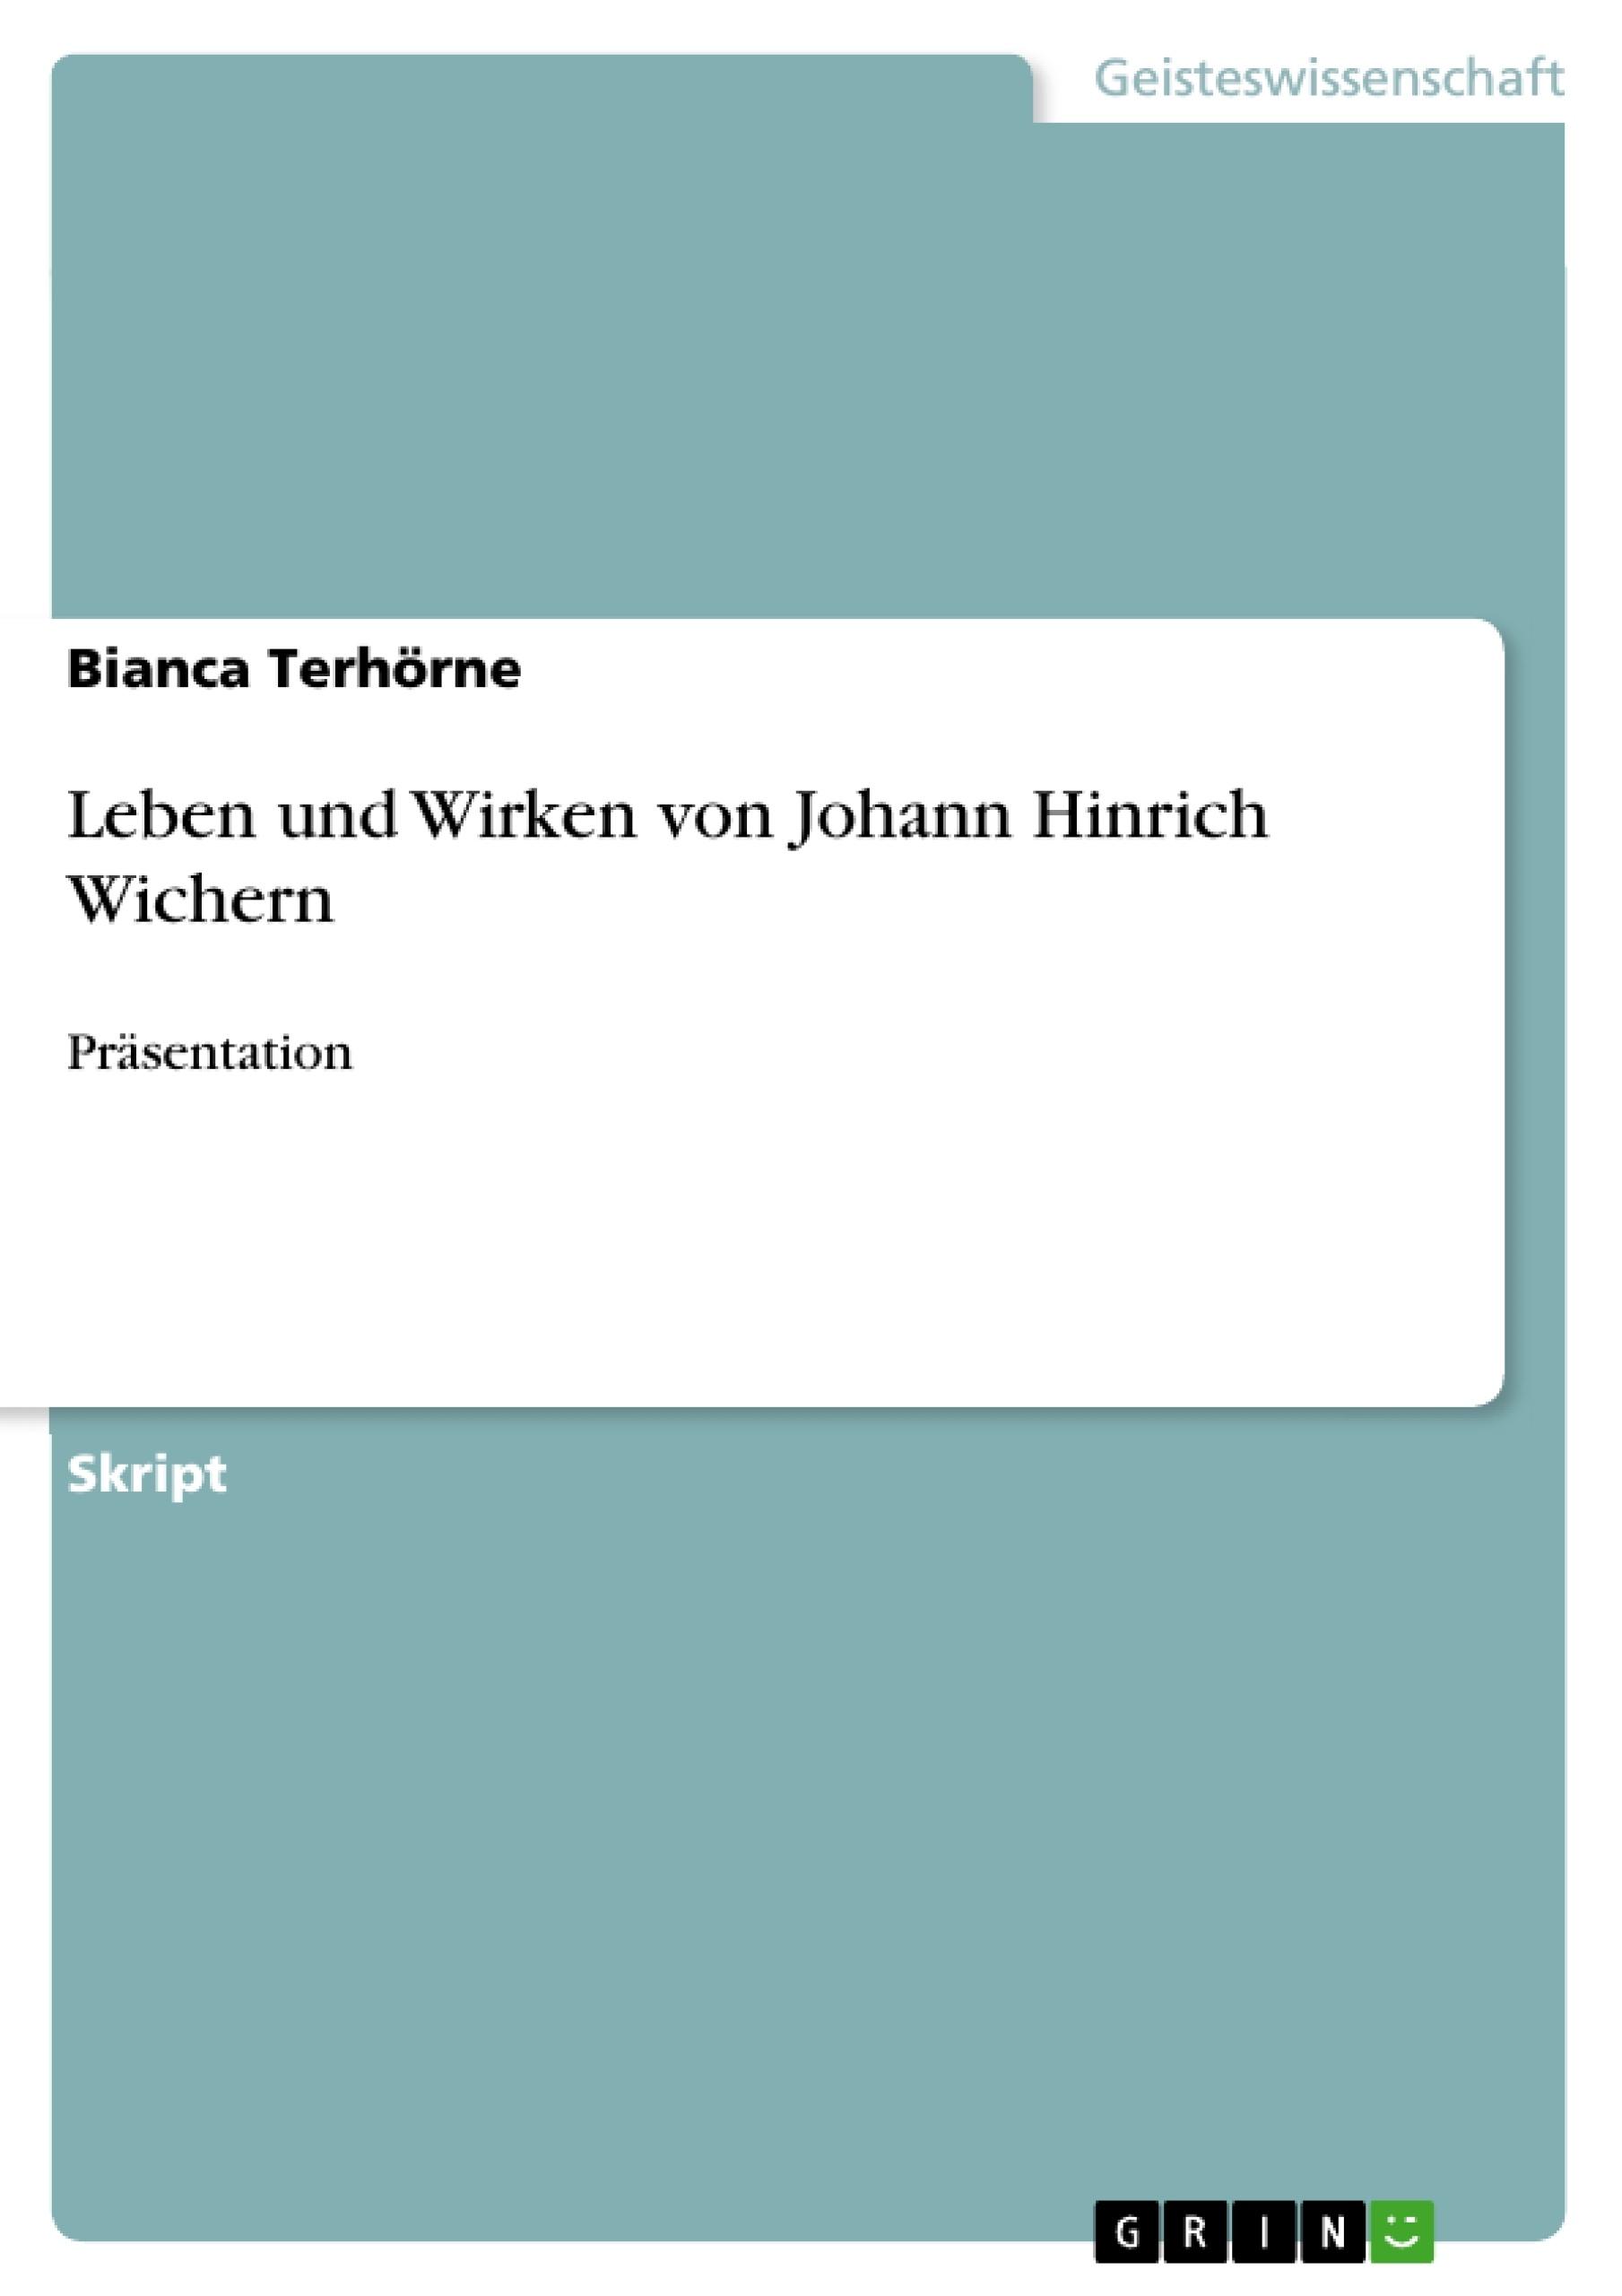 Titel: Leben und Wirken von Johann Hinrich Wichern